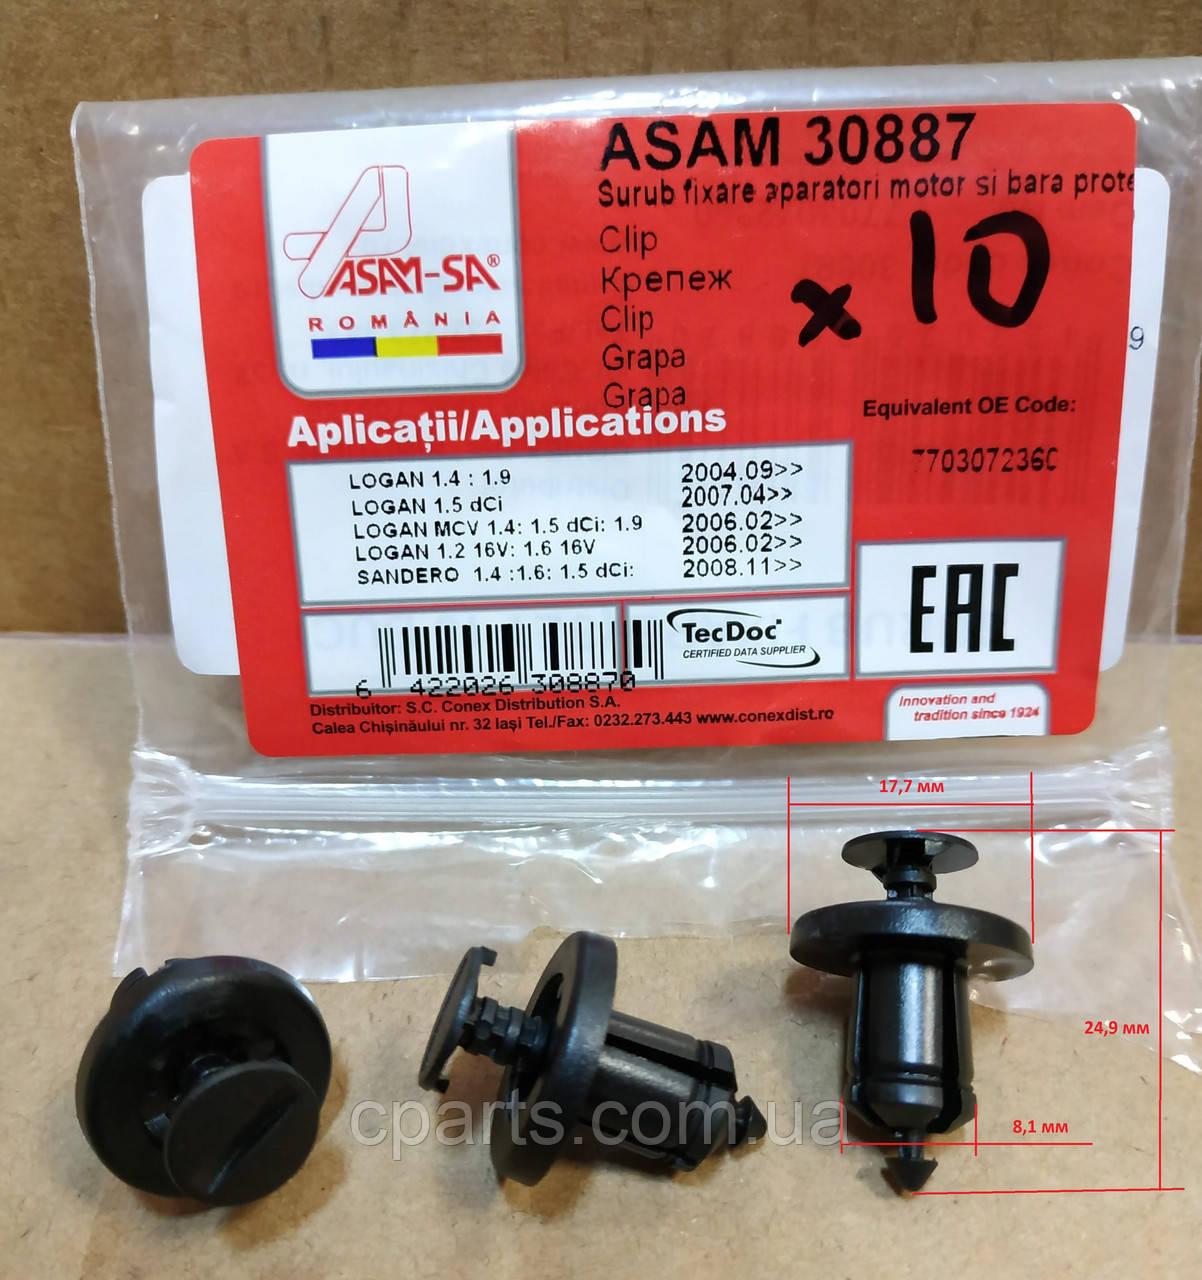 Клипса крепления защиты бампера Dacia Sandero (Asam 30887)(среднее качество)